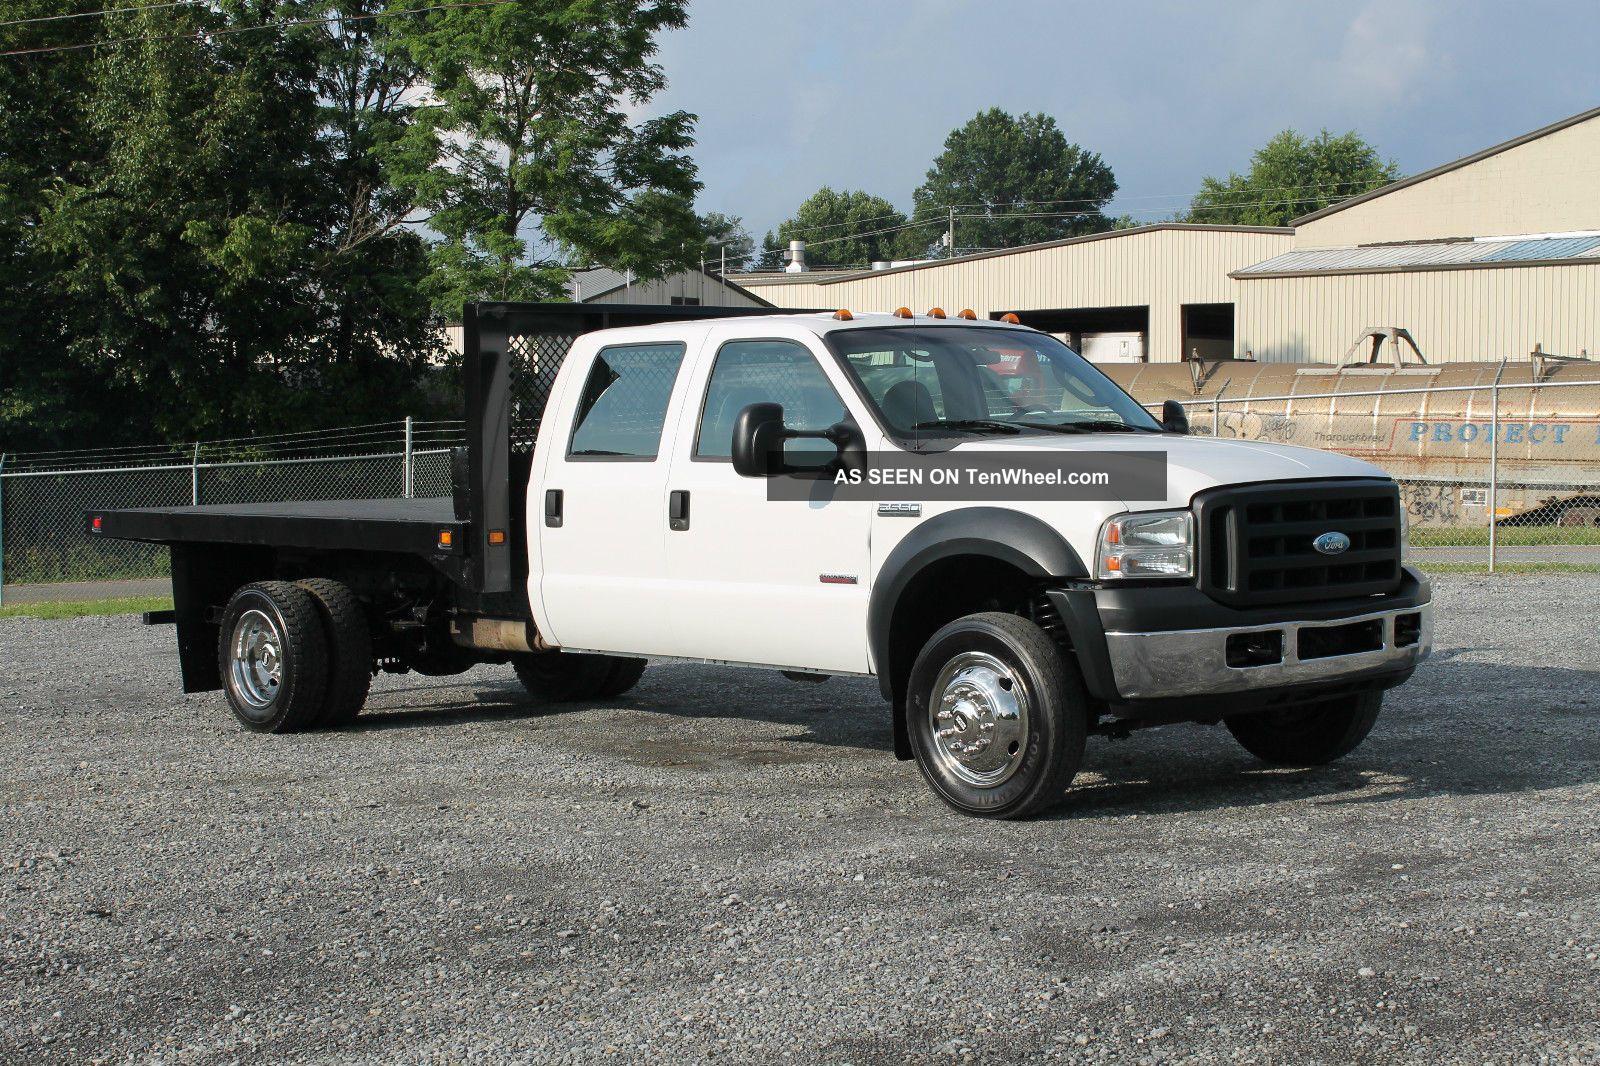 2007 Ford F550 Xl Crew Cab Flatbed Dually Truck 6. 0l Diesel F-550